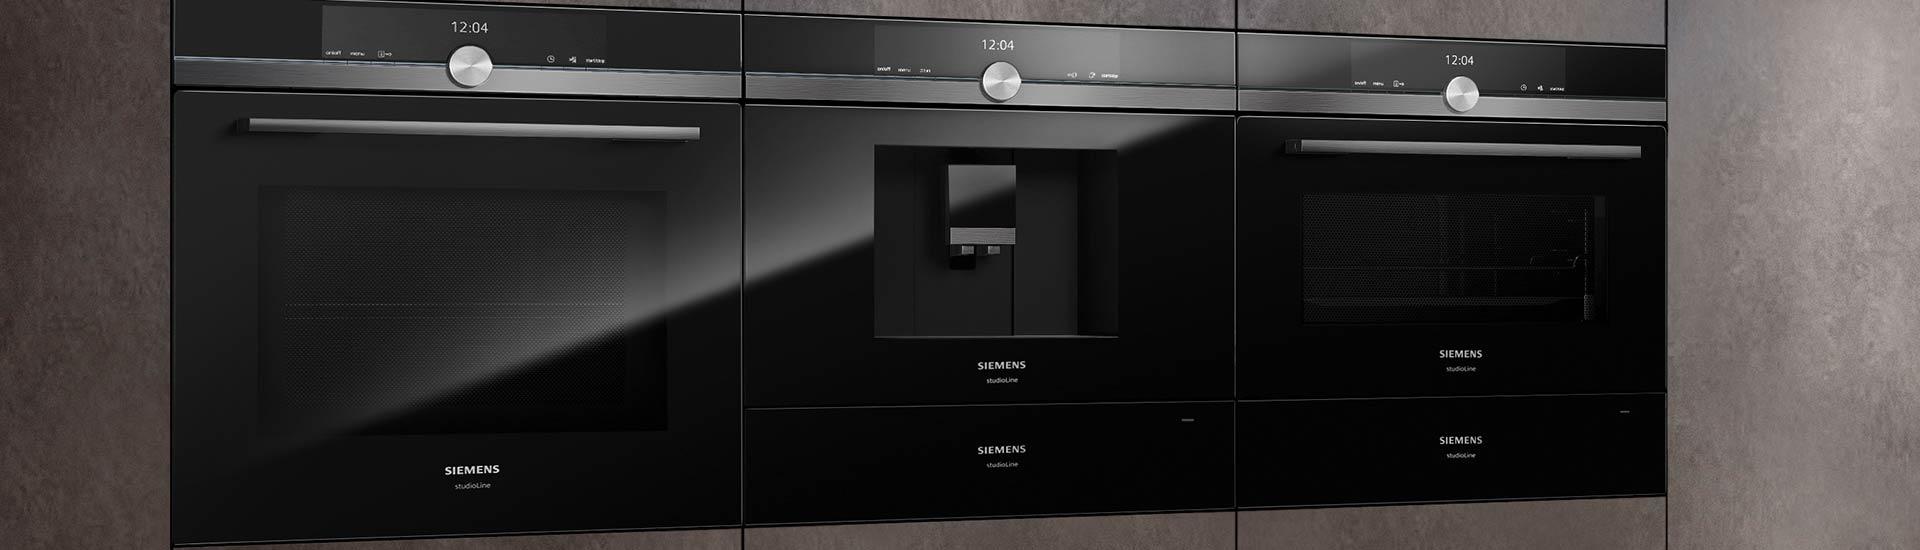 Kitchen Appliances Siemens Oven